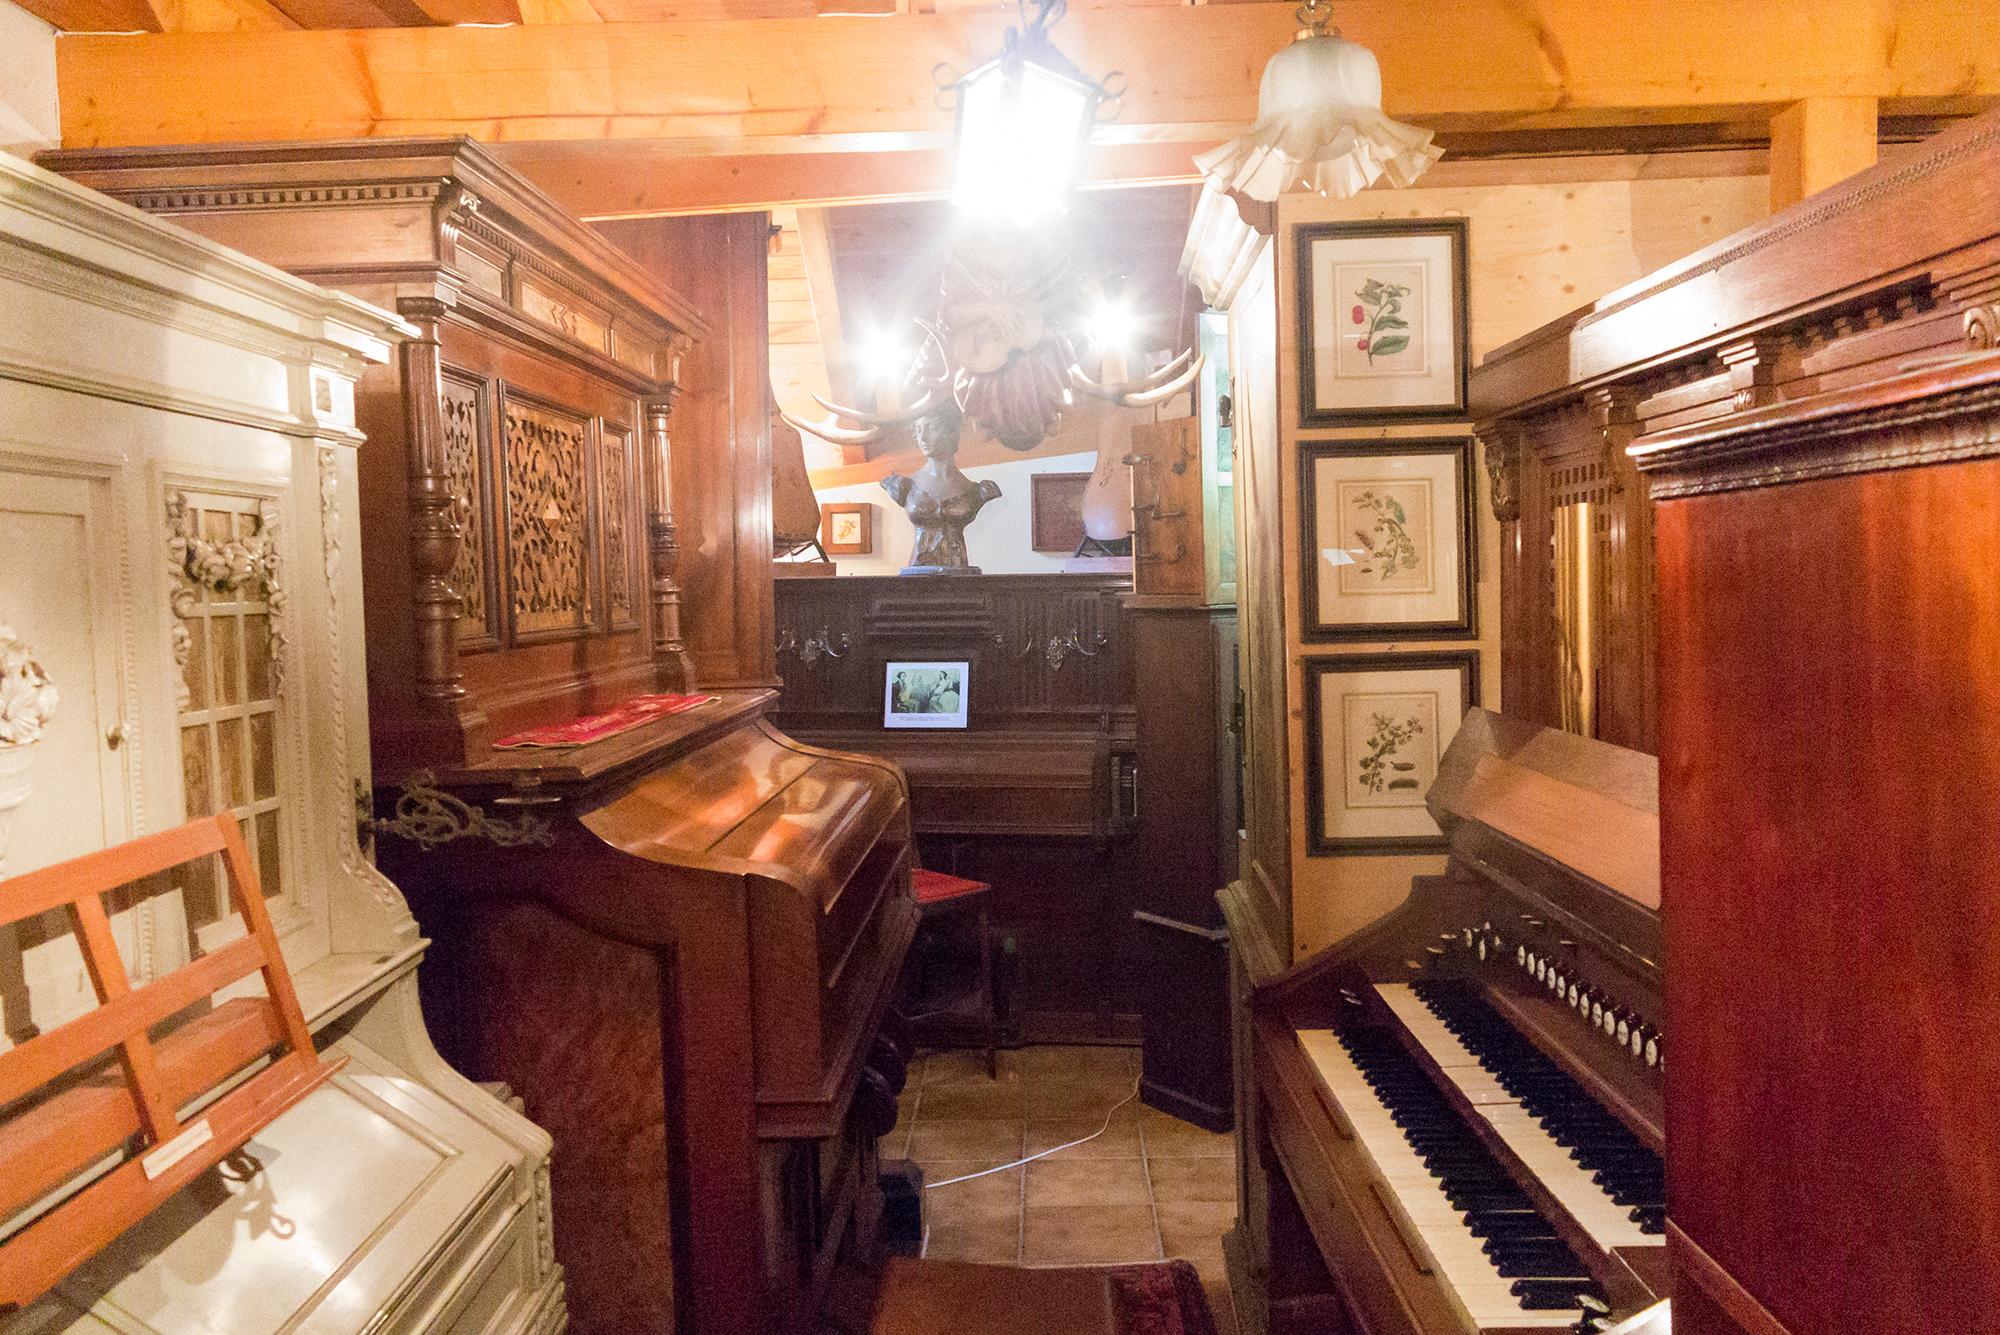 Instrumente, Bilder, Lampen – viele verschieden Sammlungen sind in diesem Museum vereint.